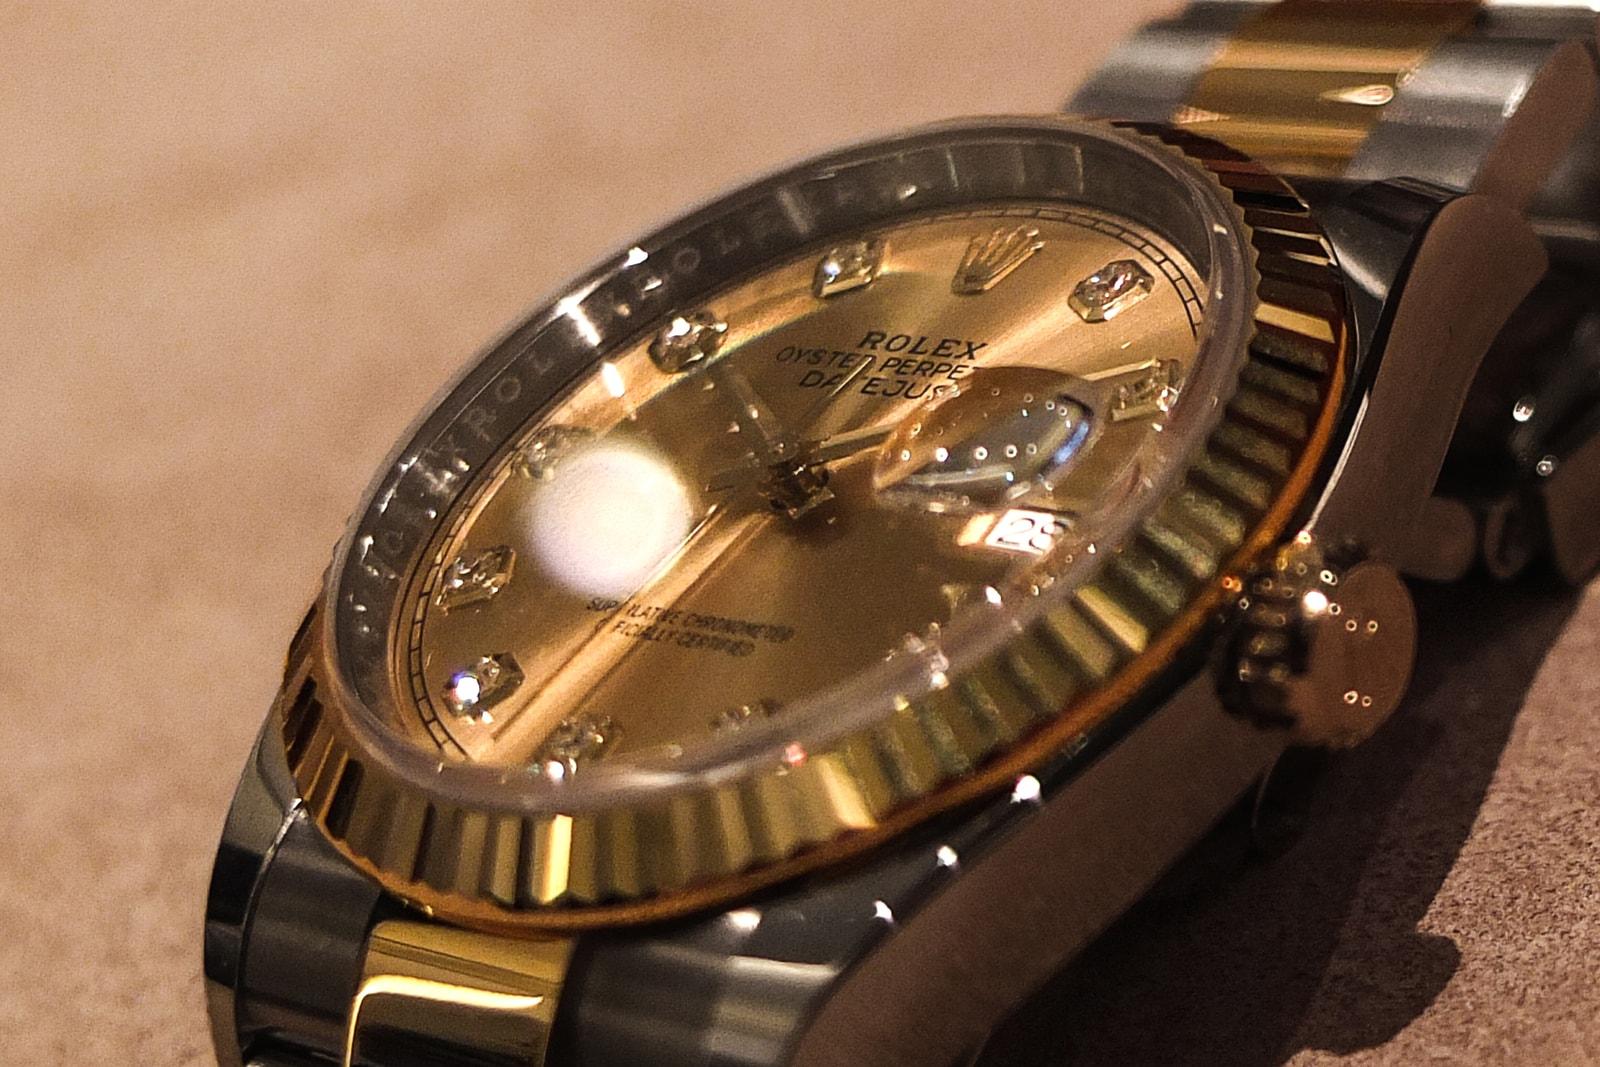 近賞 Rolex 本年度 4 款話題新作